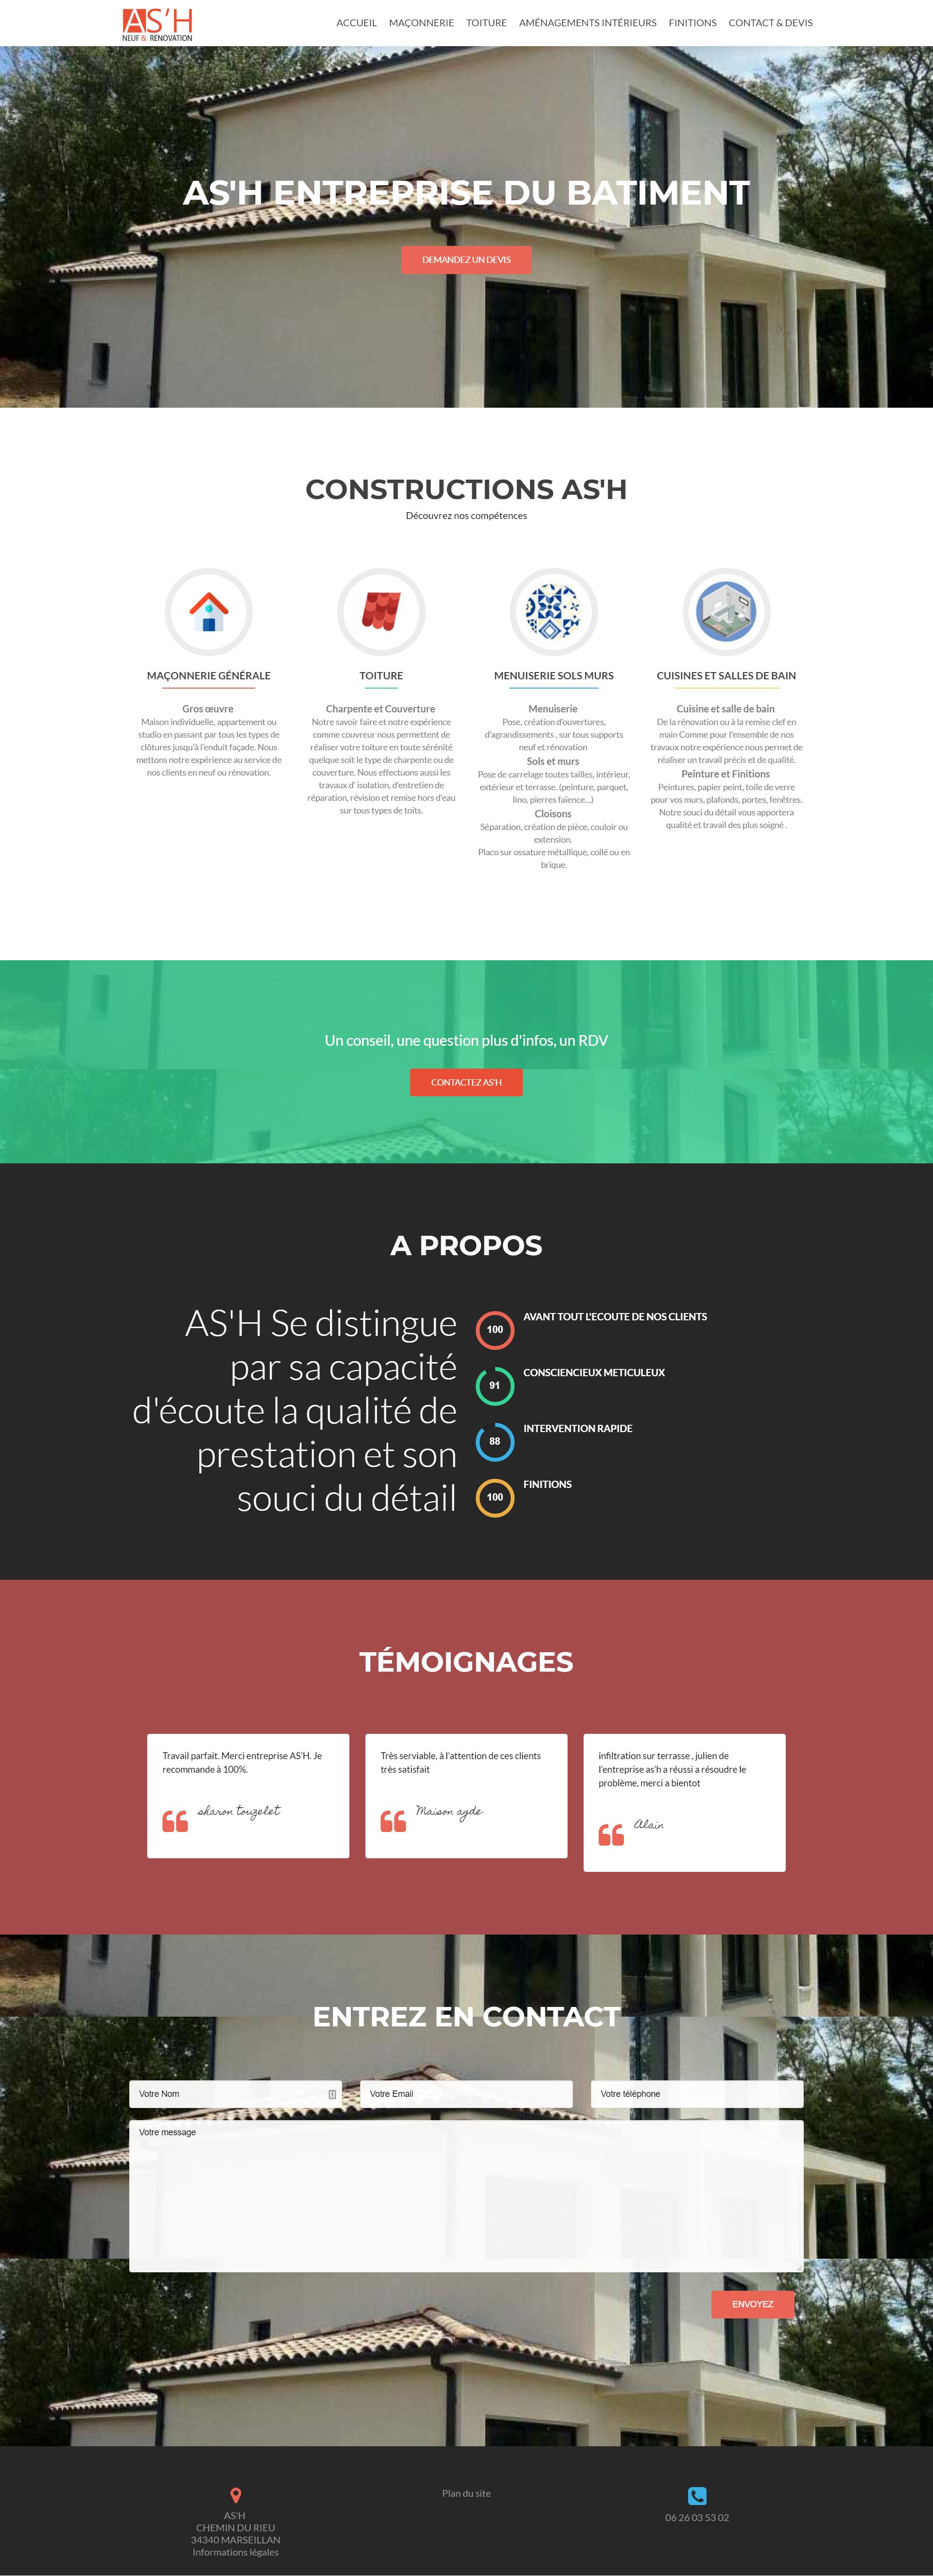 webdesign site montpellier